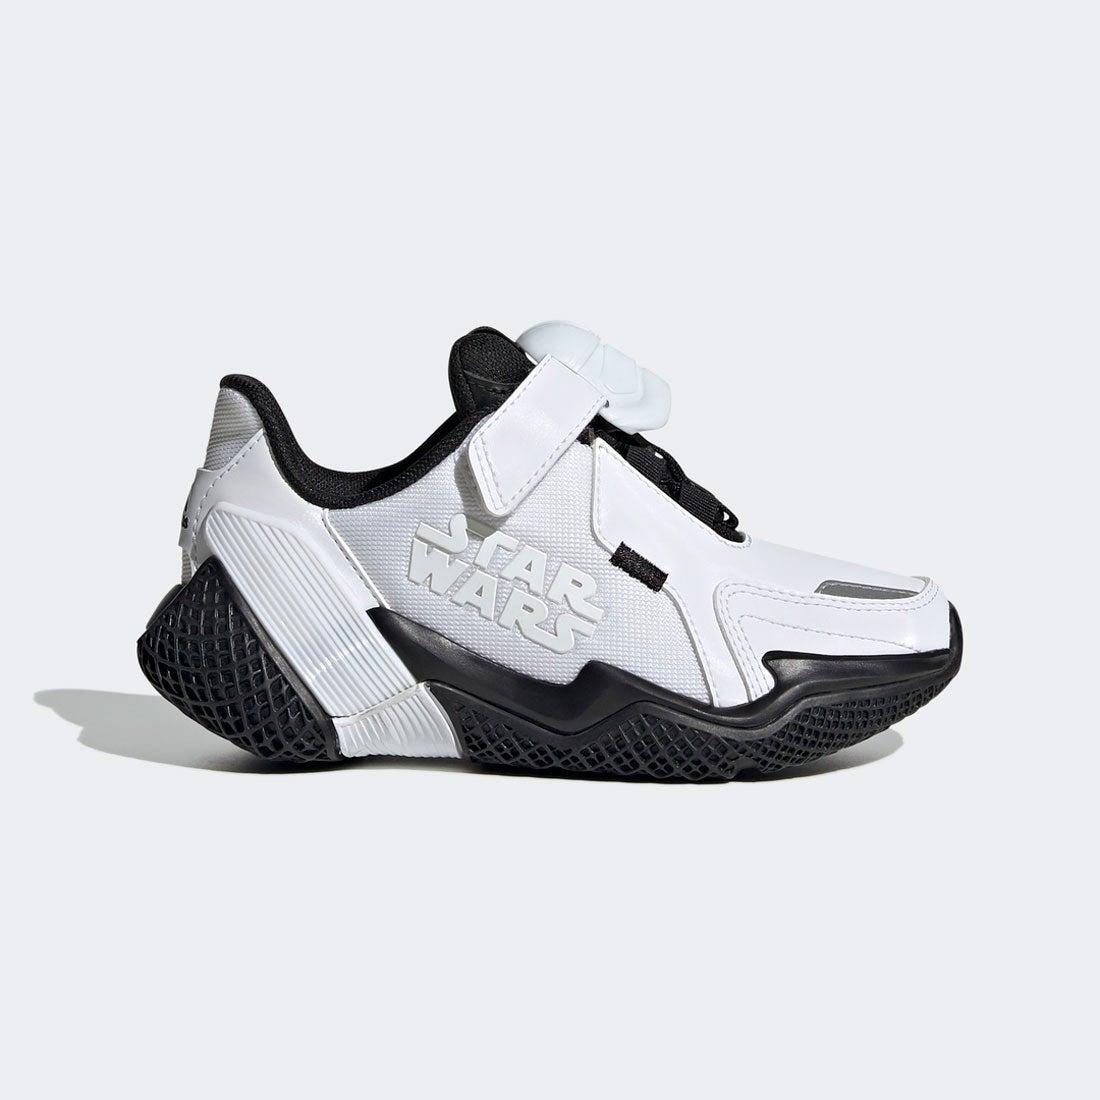 ロコンド 靴とファッションの通販サイトアディダス adidas スターウォーズ 4UTURE RNR / Star Wars 4uture RNR (ホワイト)